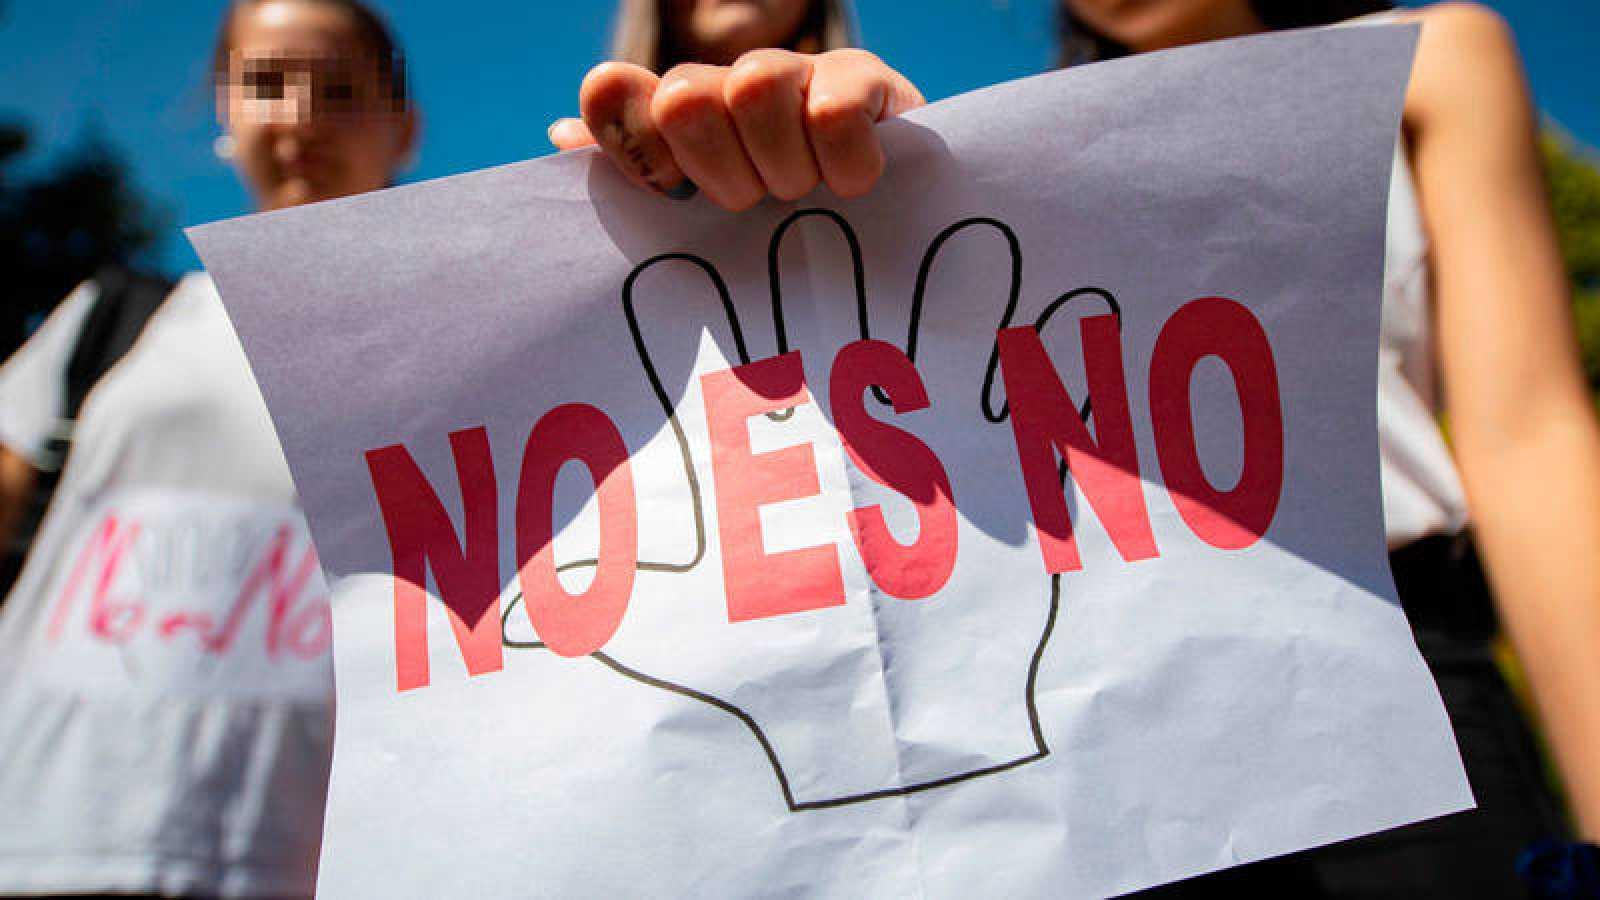 Cartel en protesta por la sentencia que ha condenado a los miembros de 'La Manada' por abuso sexual y no por agresión